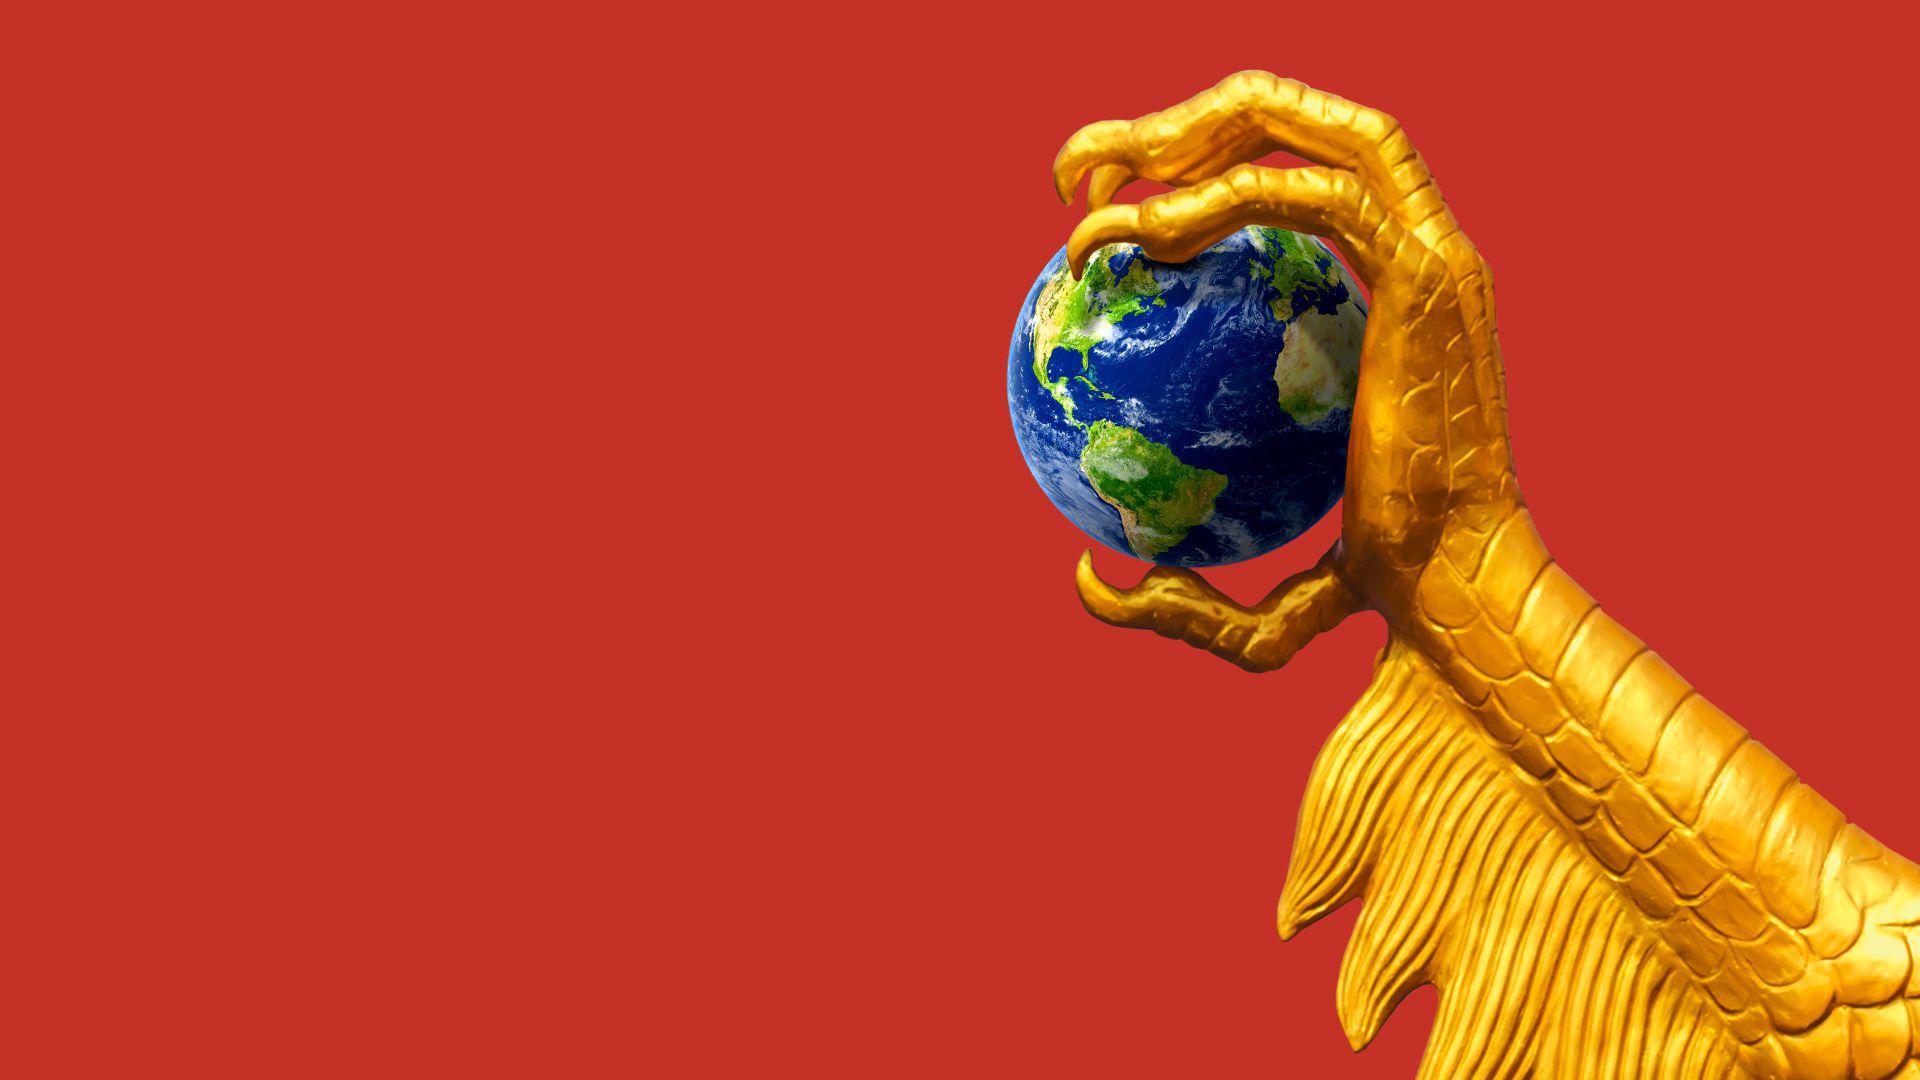 Quyền lực chính trị của Trung Quốc đi lên cùng thị trường chứng khoán - Ảnh 1.